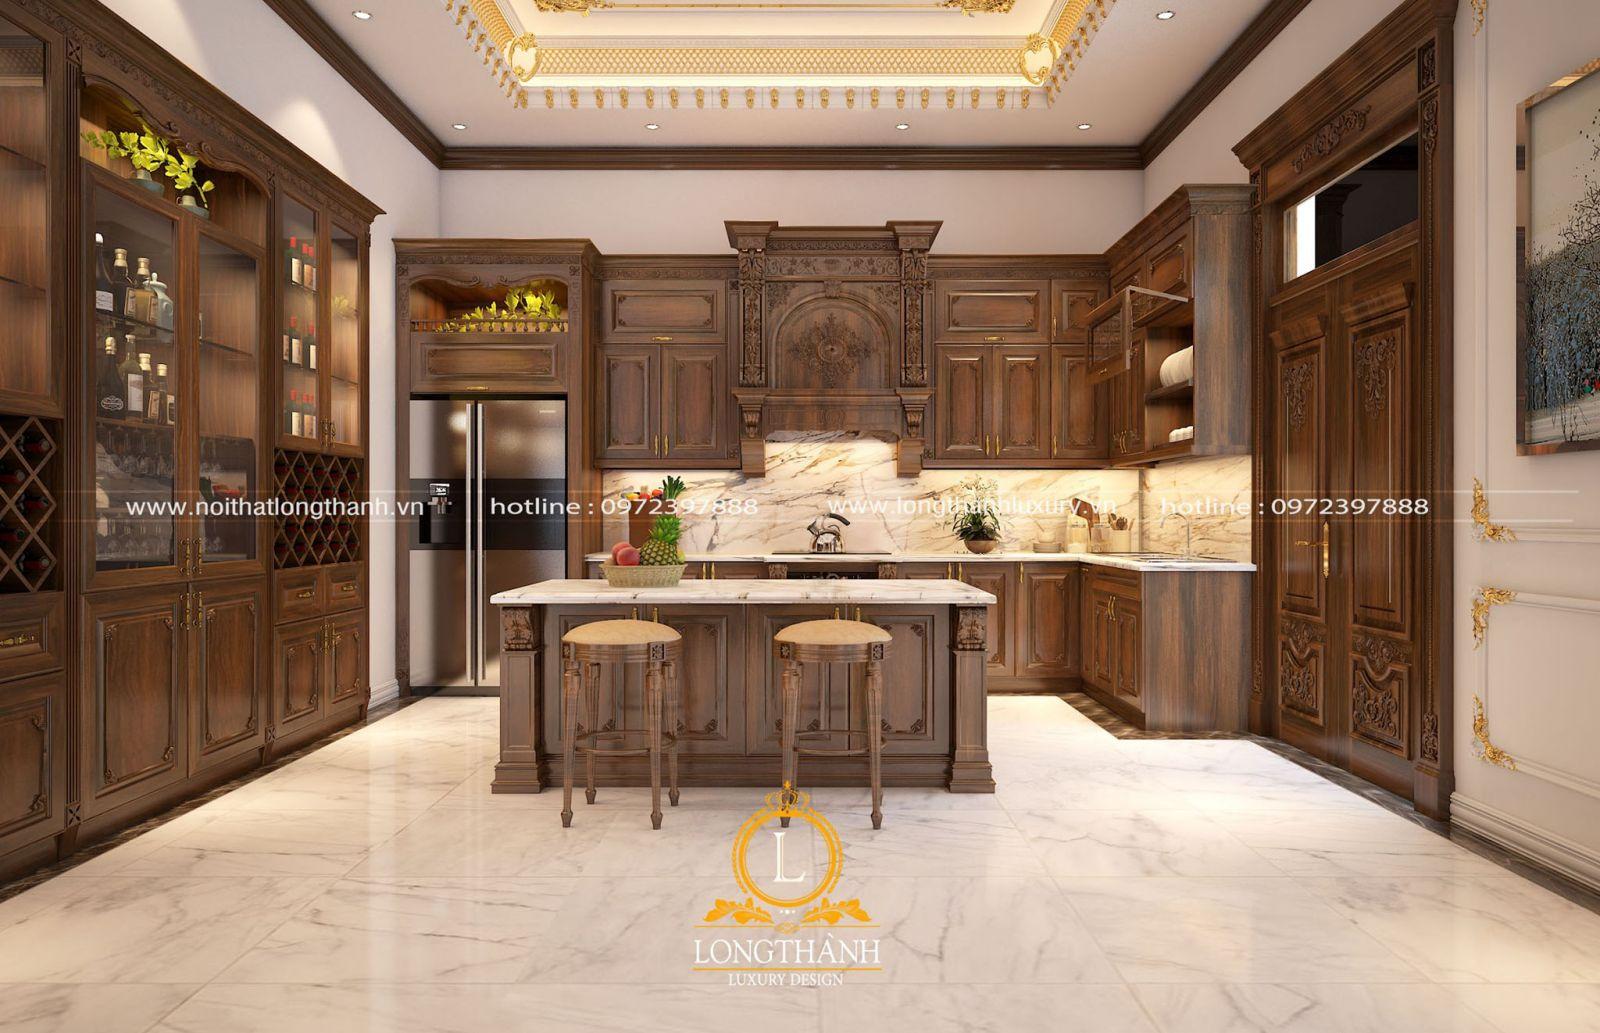 Mẫu tủ bếp tân cổ điển đẹp kết hợp tủ rượu độc đáo tiện nghi